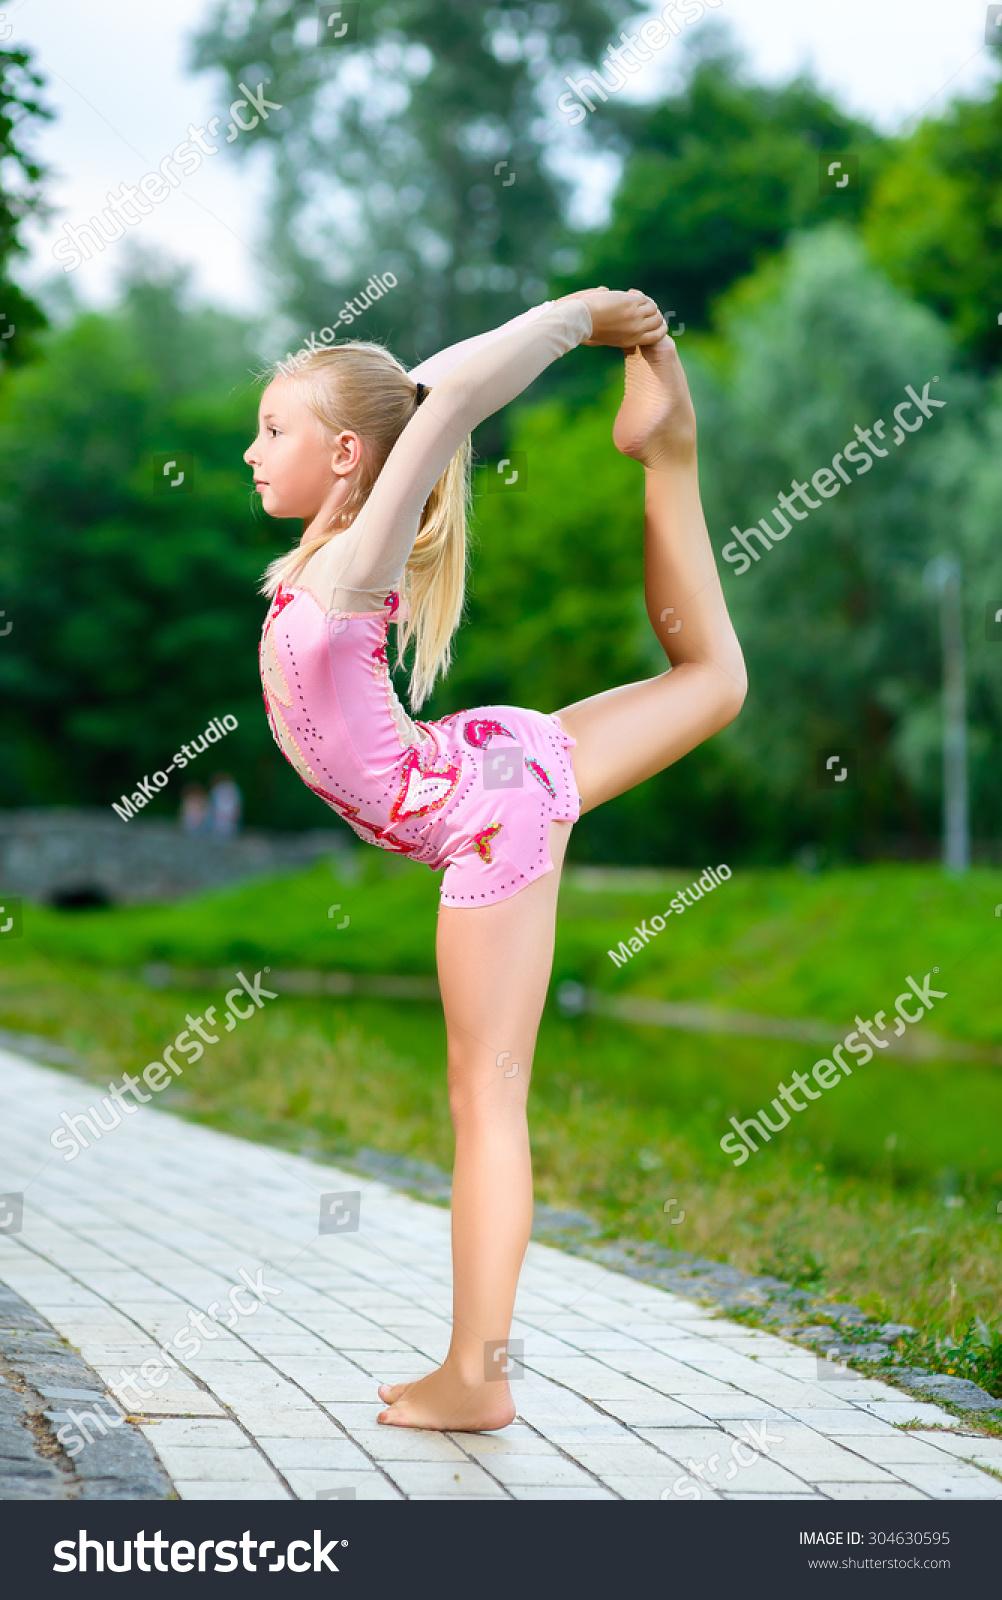 Flexible Gymnastic Nude 36